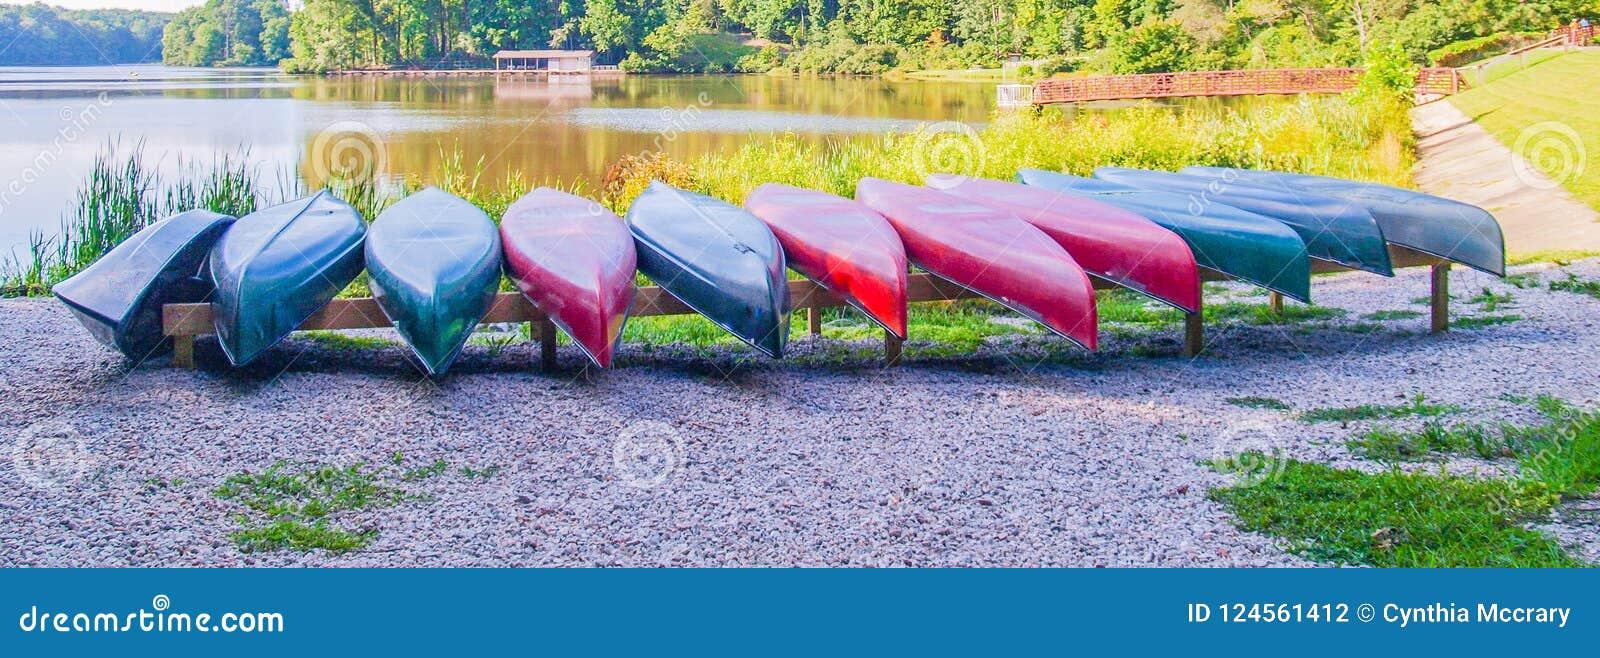 Reihe von Kanus am großen See